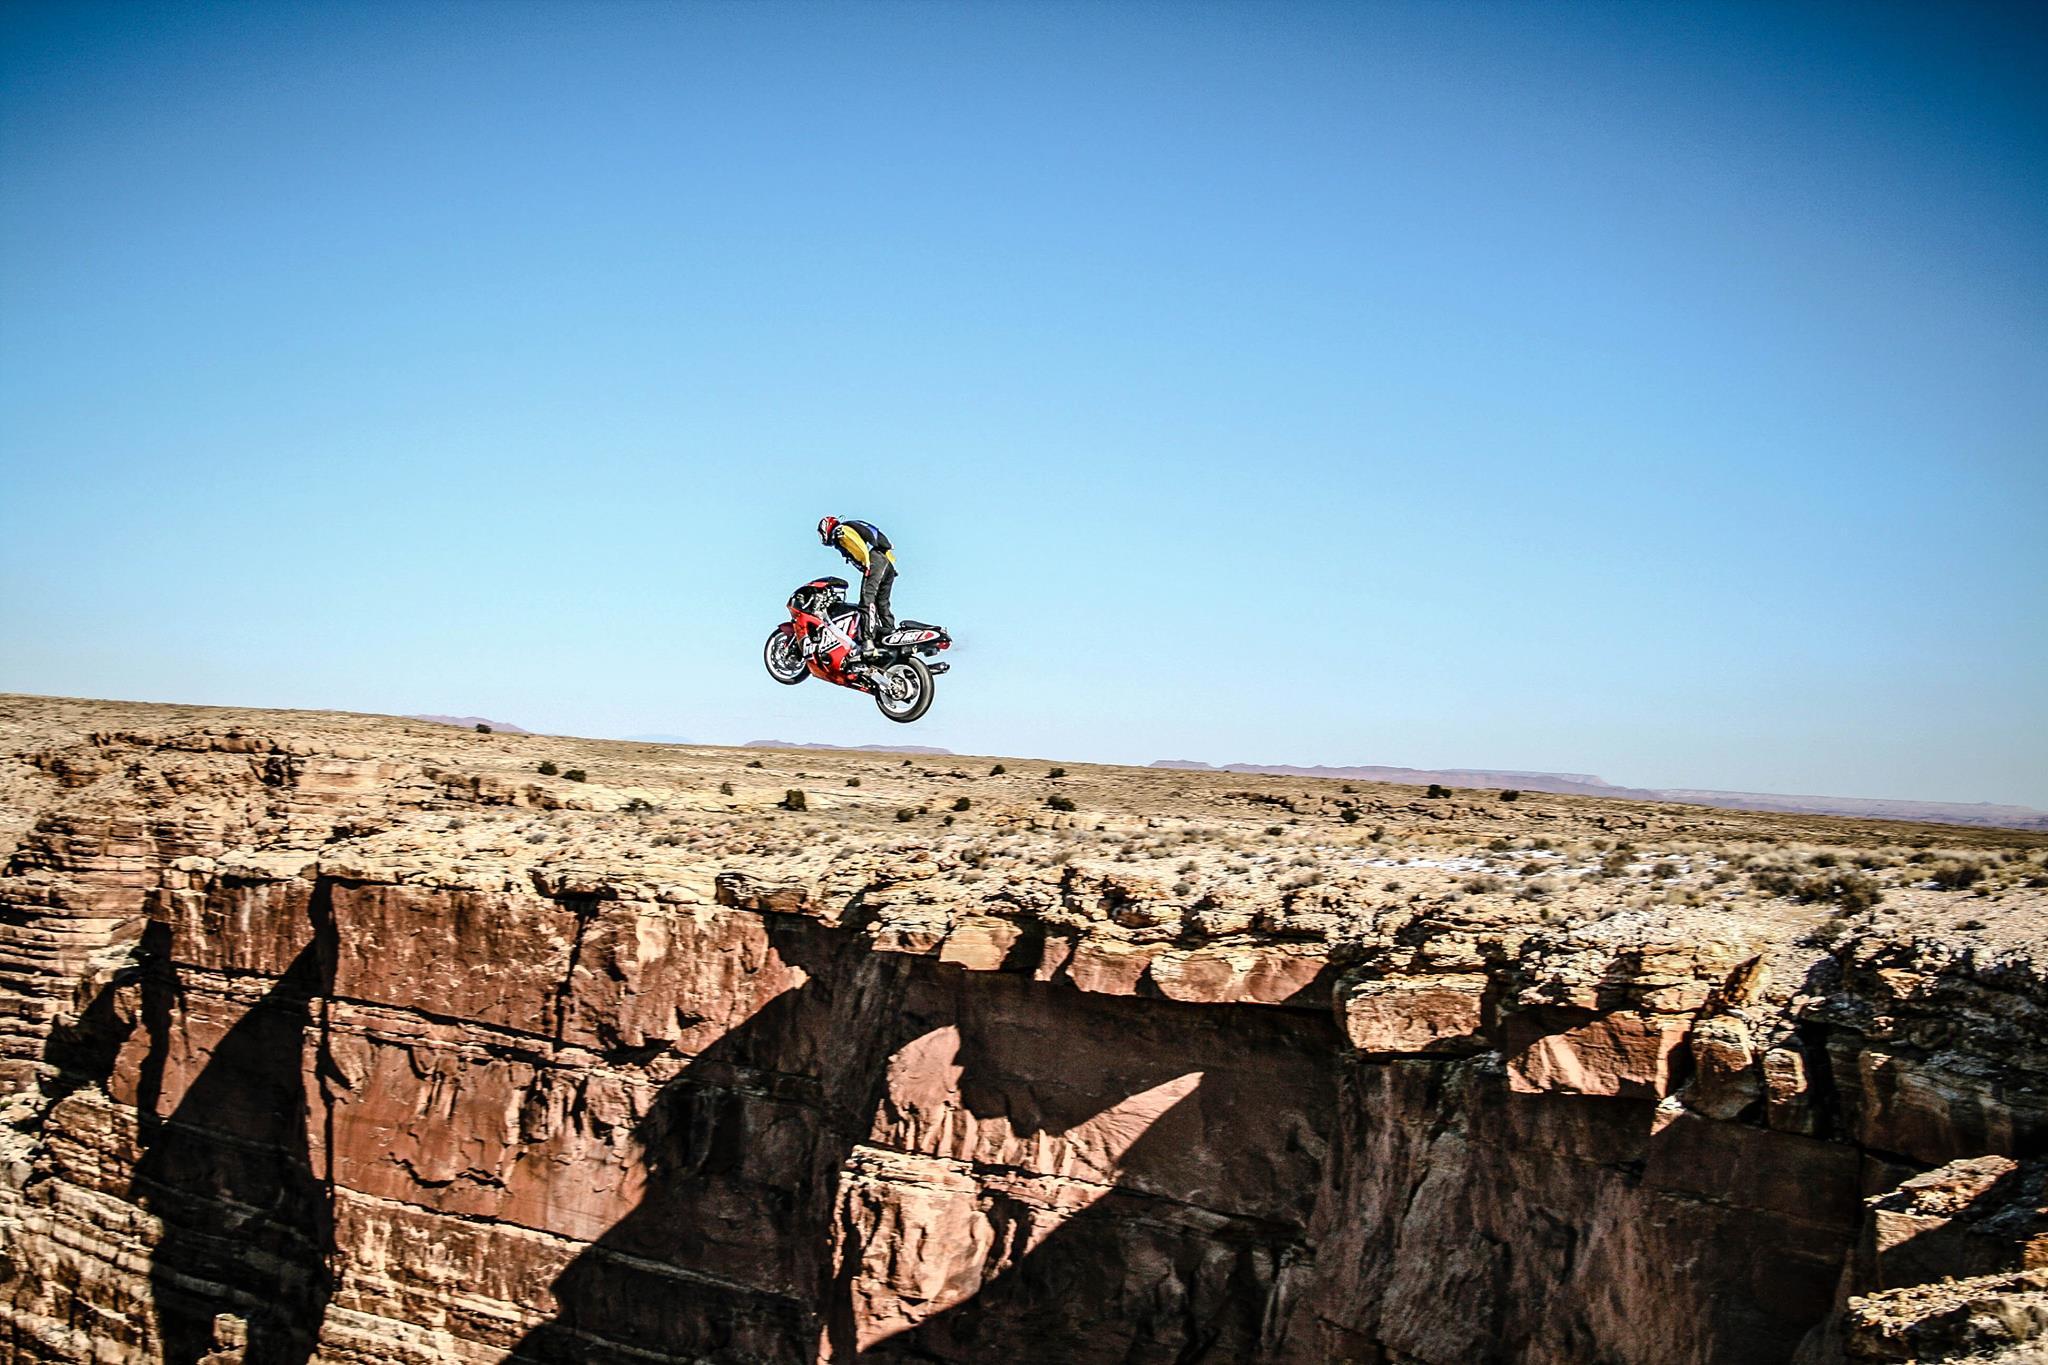 Прыжок с парашютом на мотоцикле